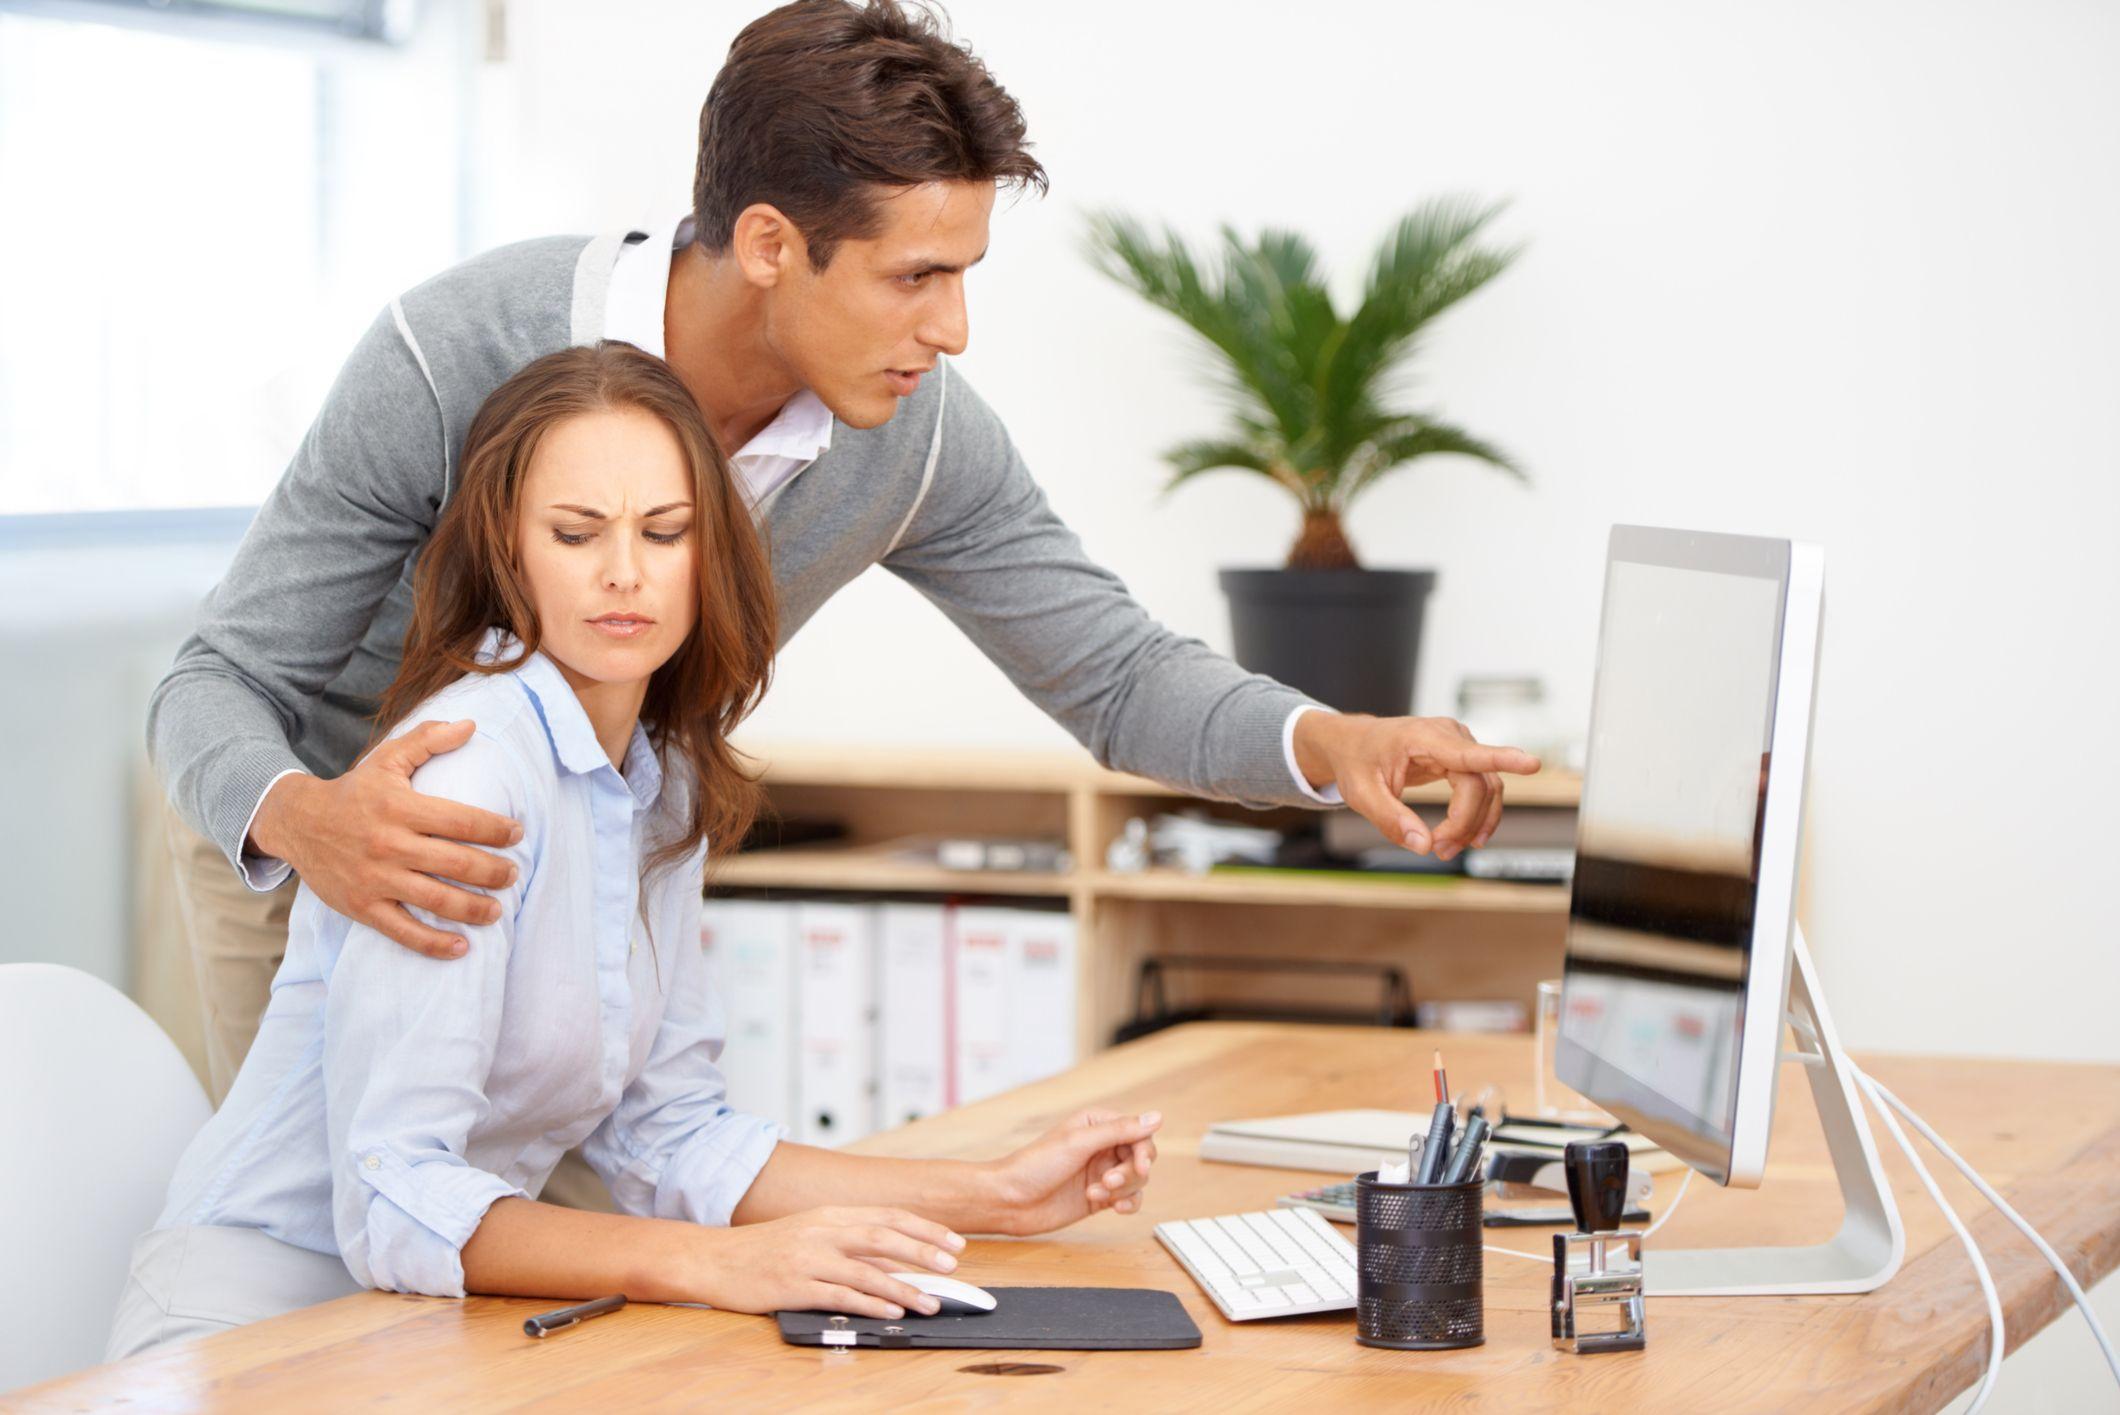 Miedo al despido o al aislamiento laboral, freno para denunciar acoso